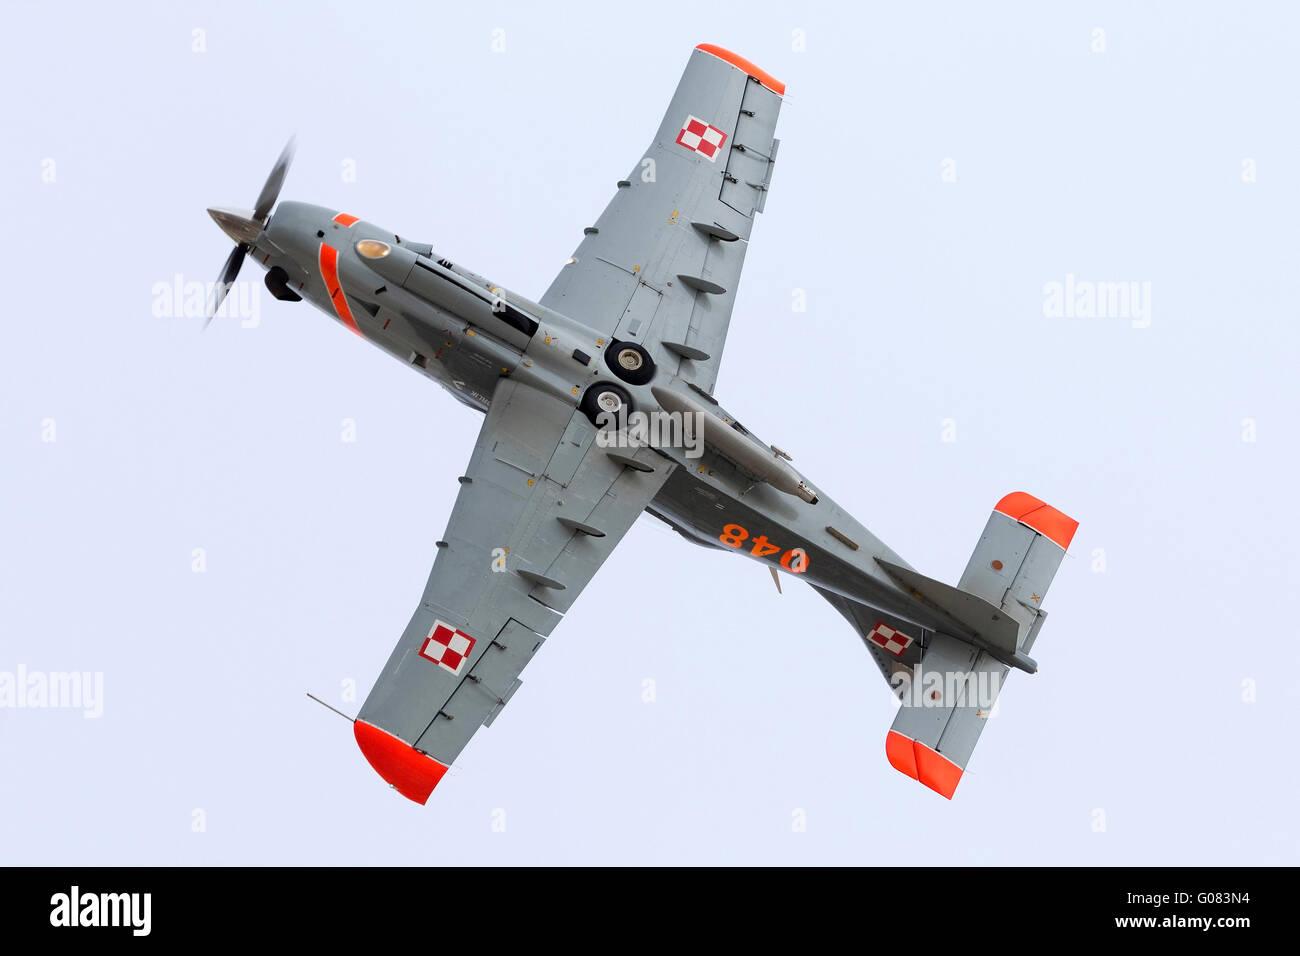 Polish Air Force PZL-Okecie PZL-130TC-2 Turbo Orlik aerobatic team. - Stock Image